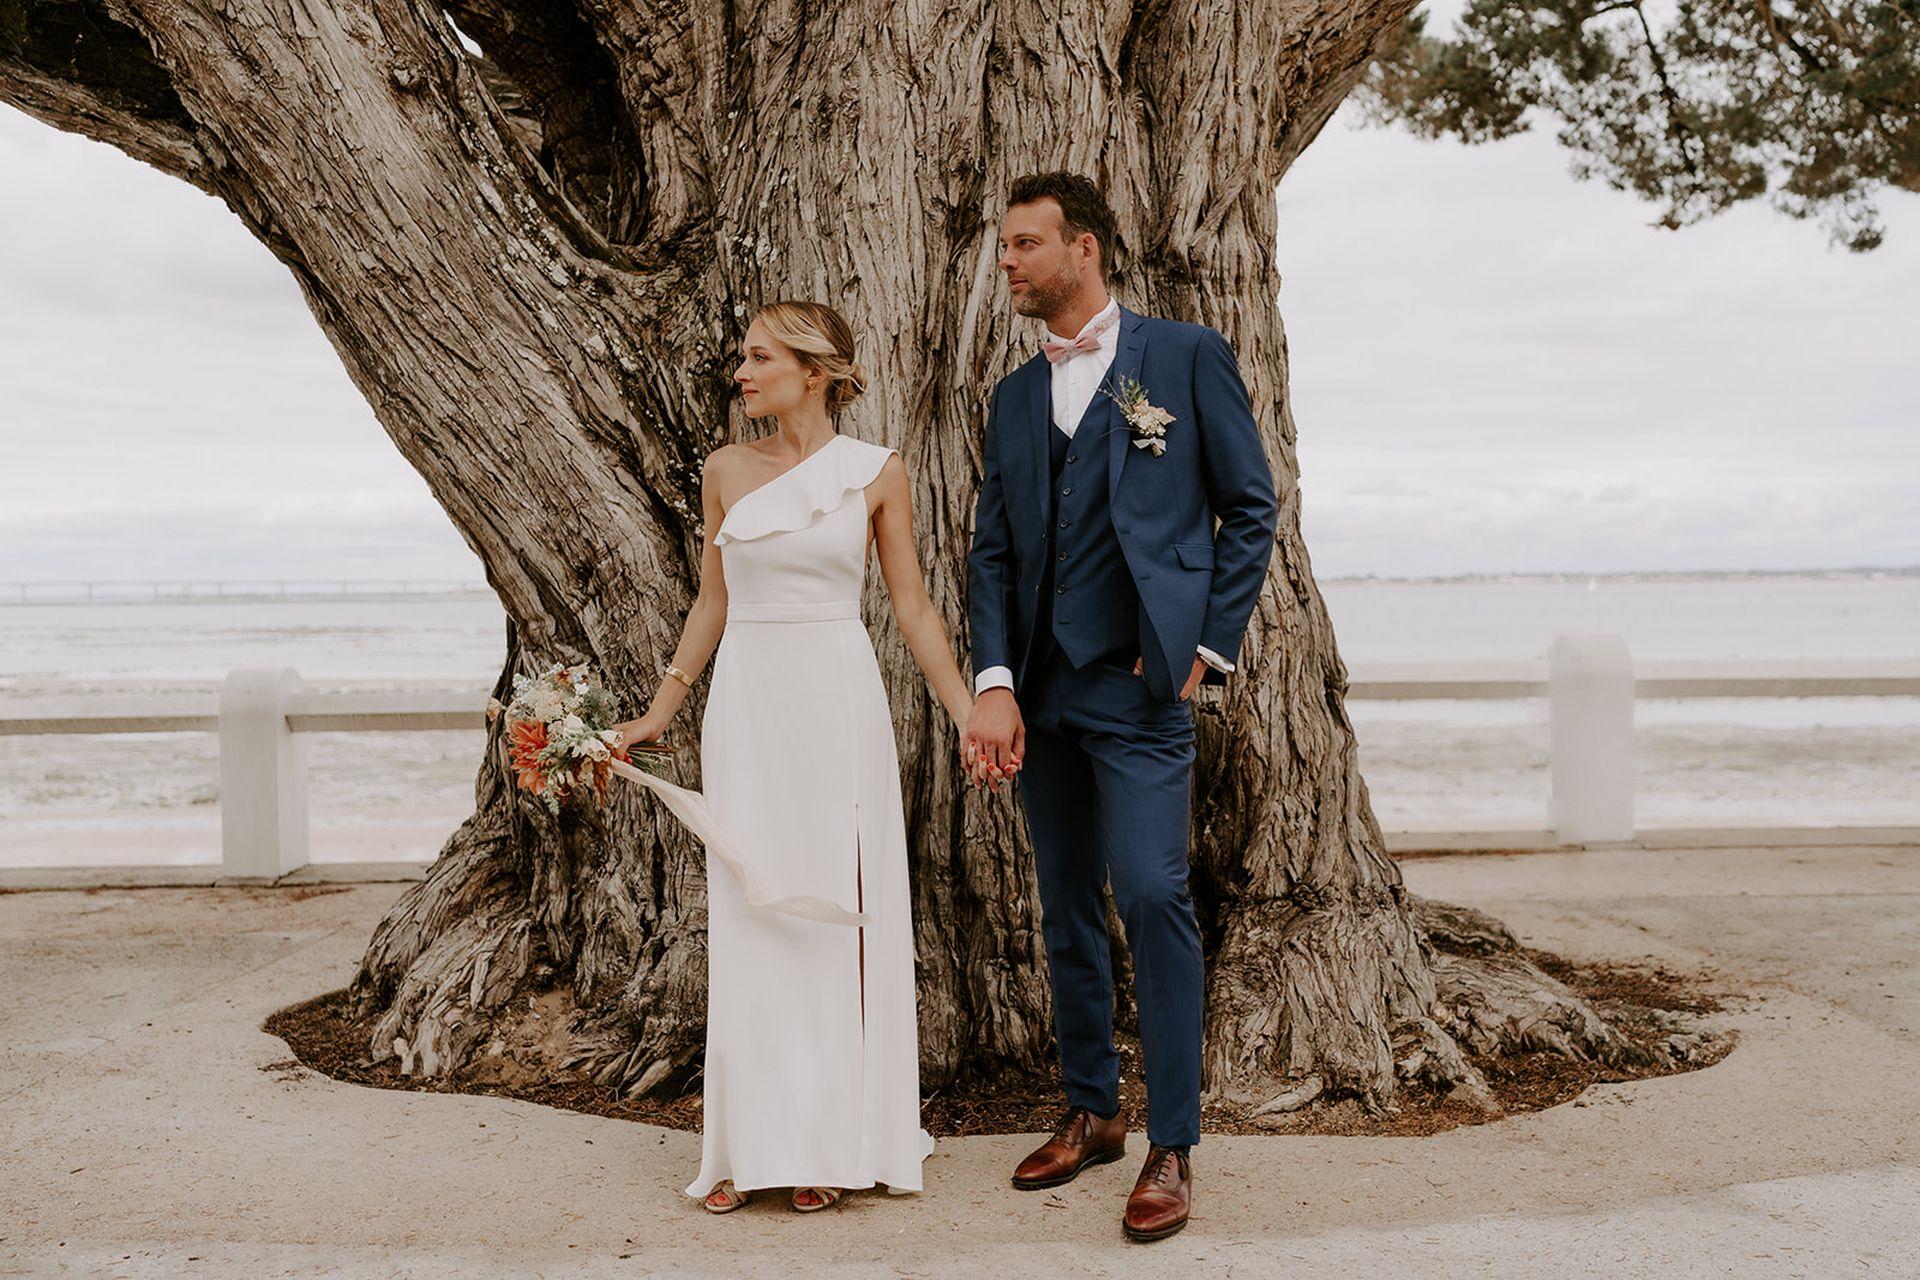 mariage boheme mer